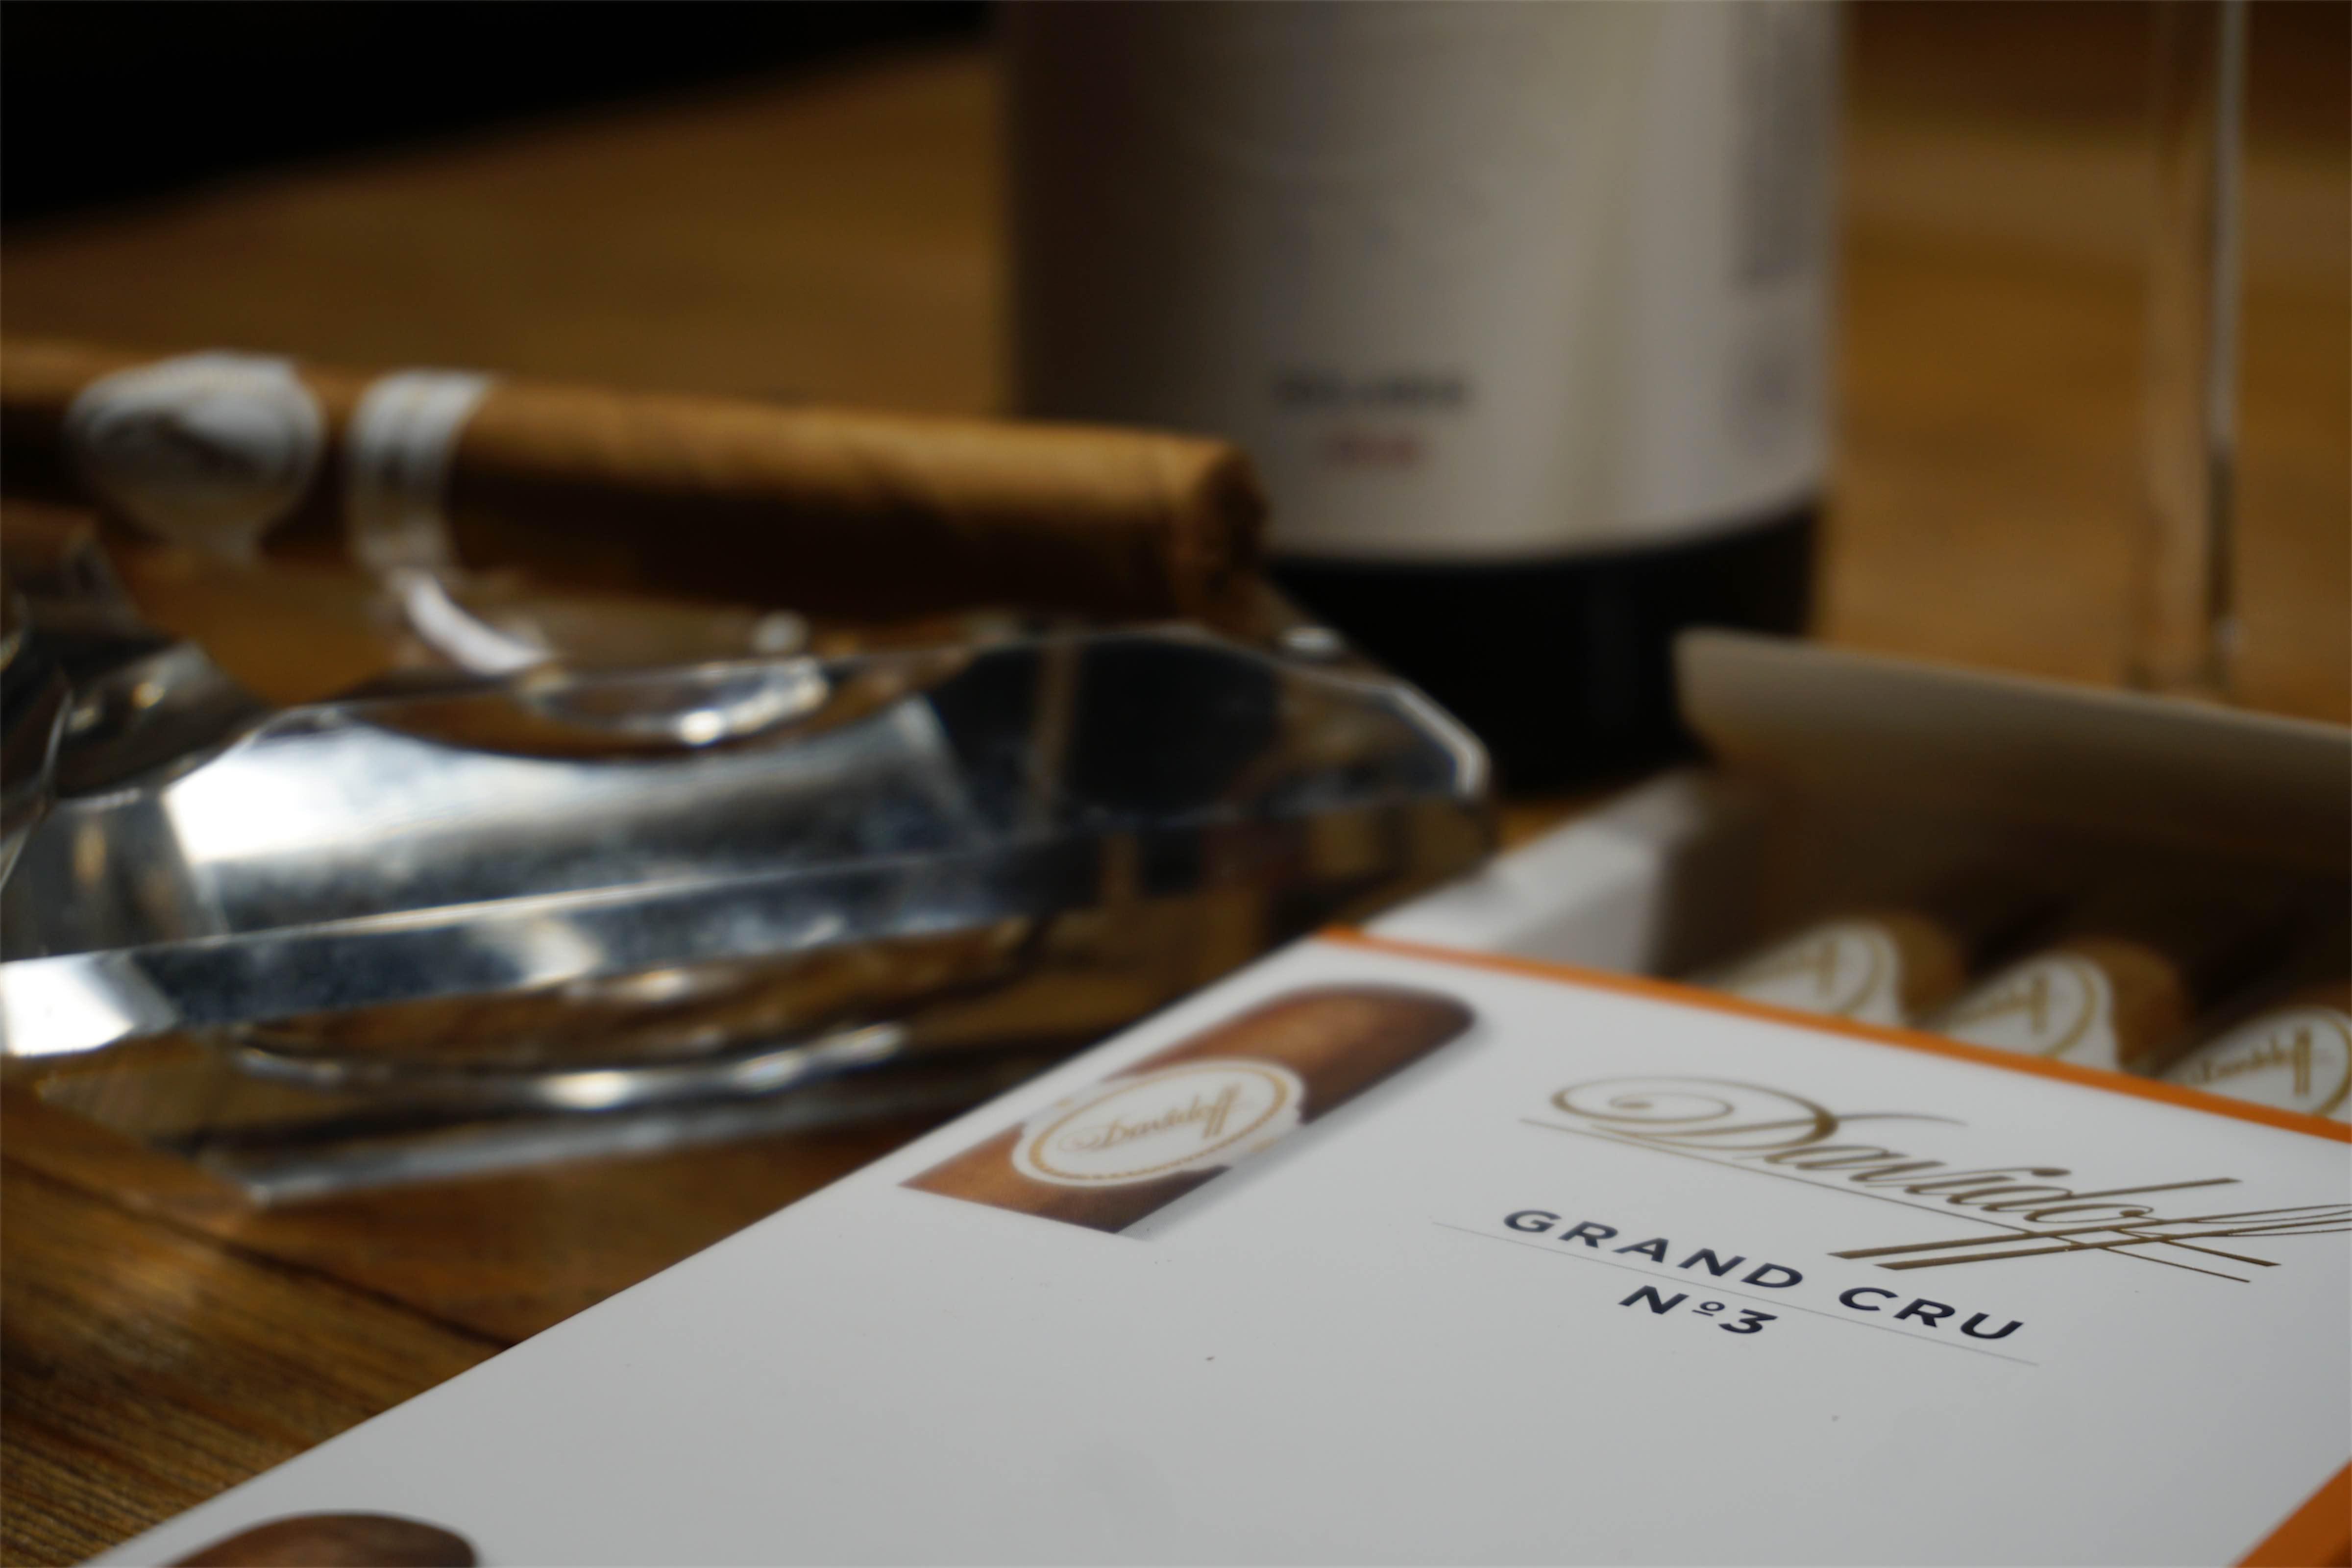 Grand Cru - co łączy cygara i wino? Manufaktura Marzeń - Davidoff